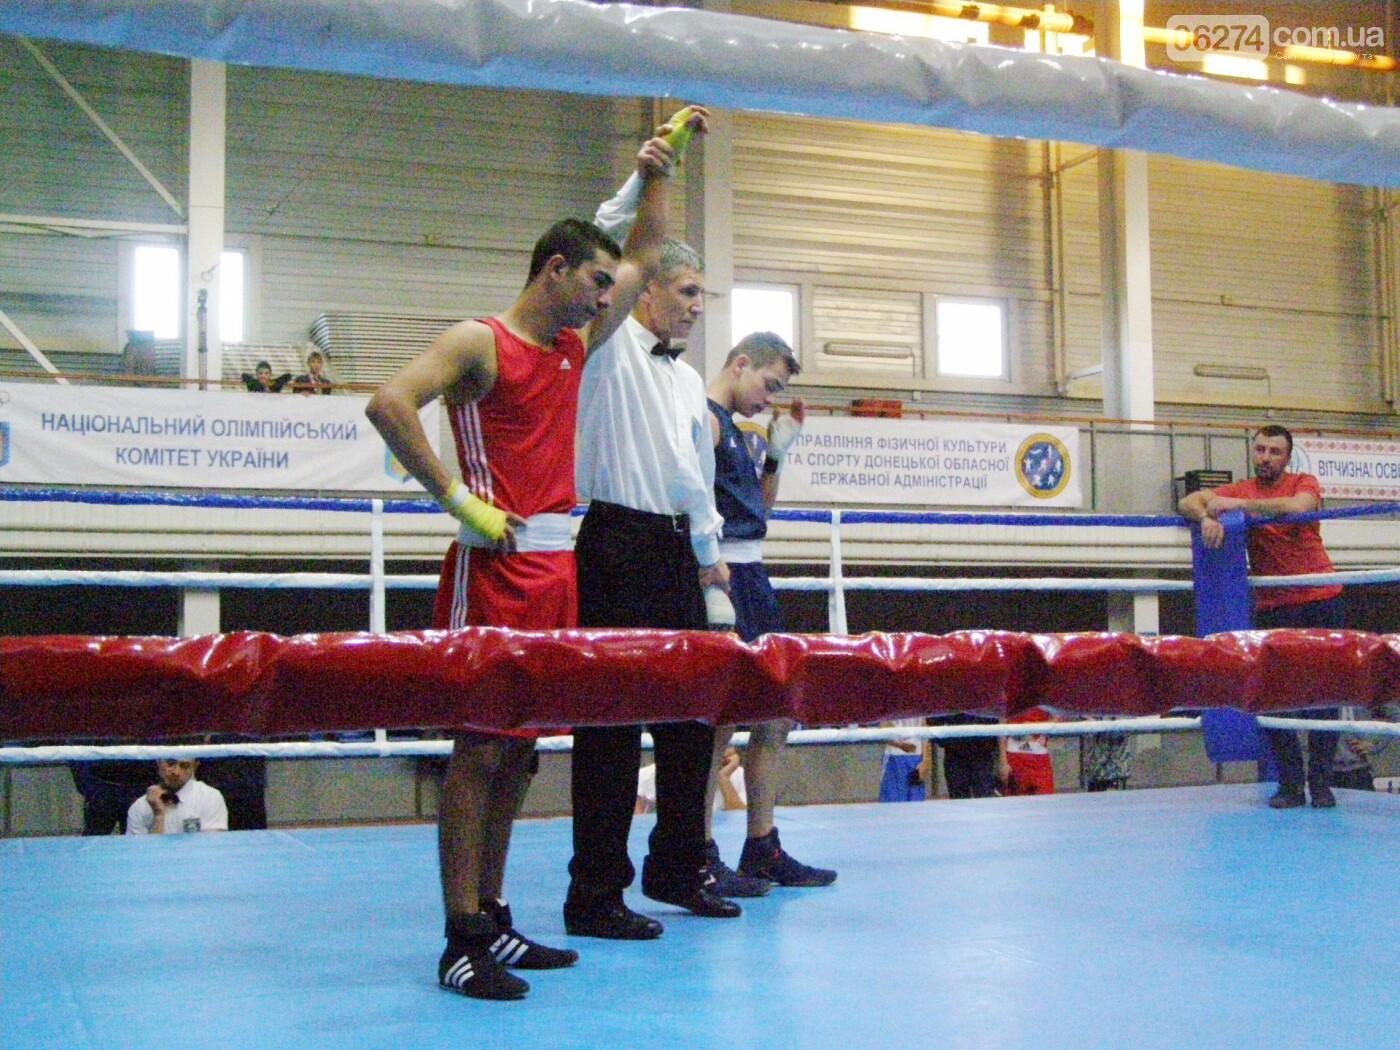 Боксеры Донетчины получили 15 наград всеукраинского турнира среди юниоров в Бахмуте, фото-1